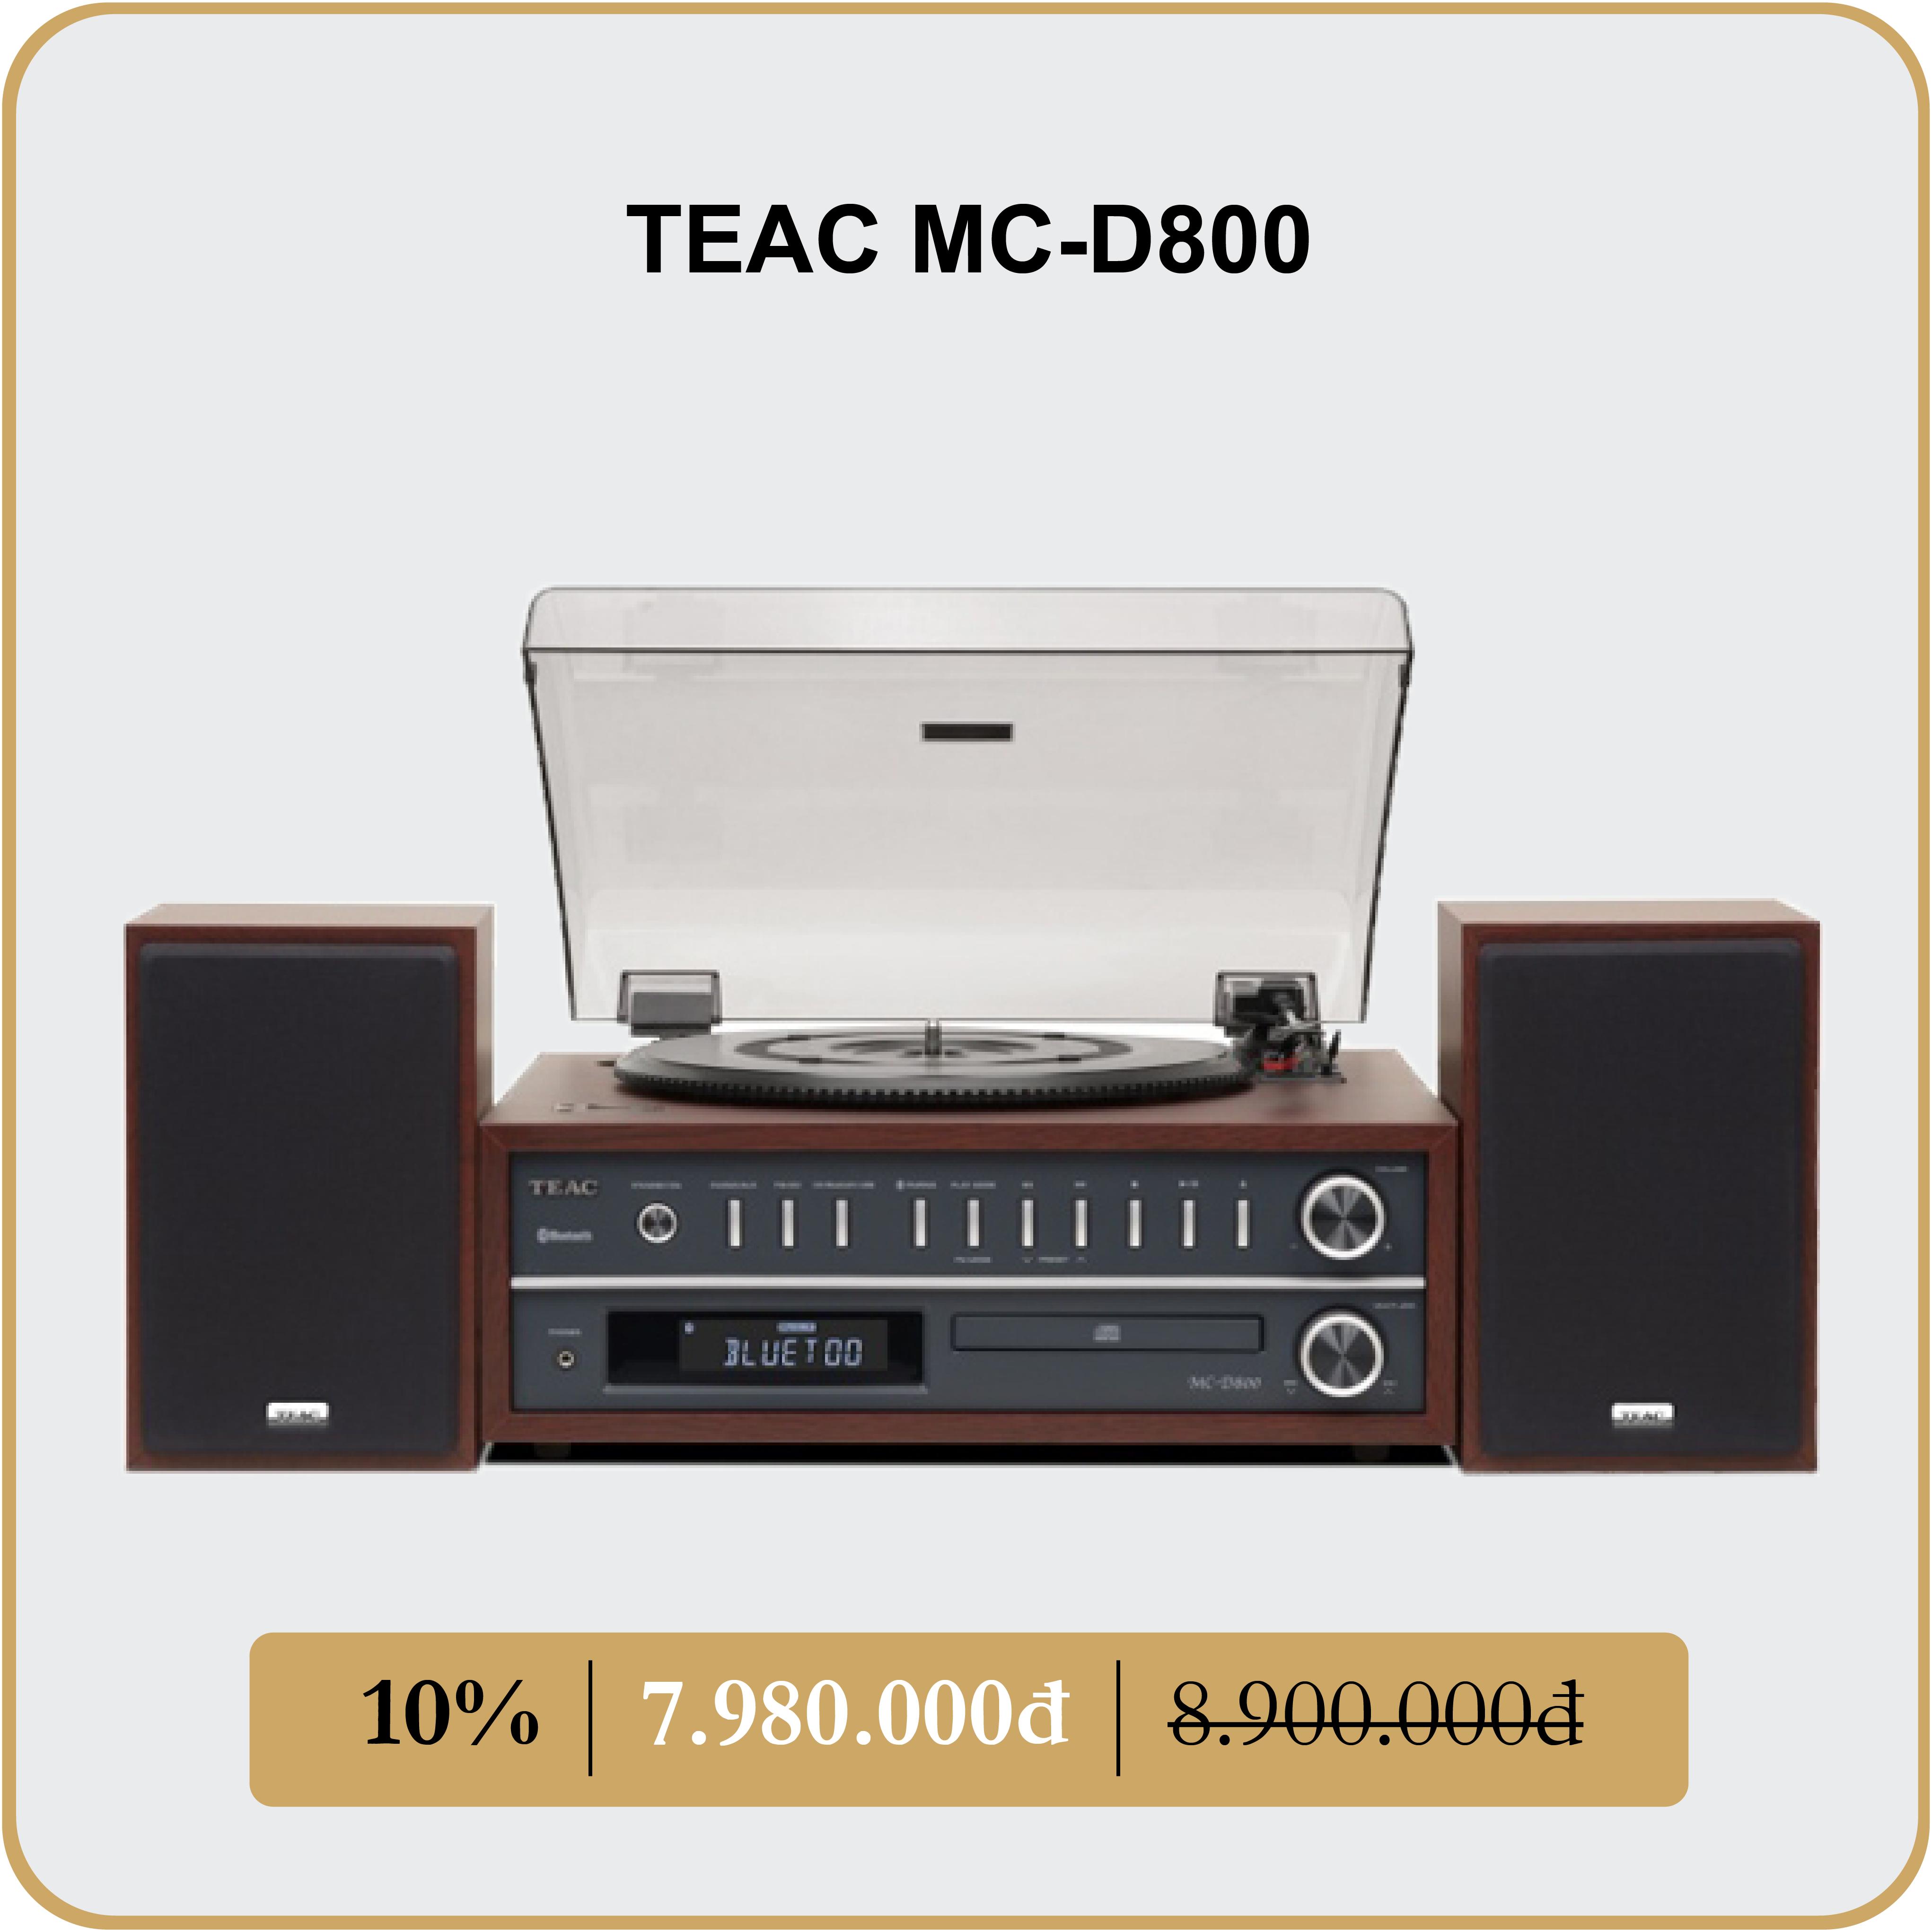 TEAC MC-D800